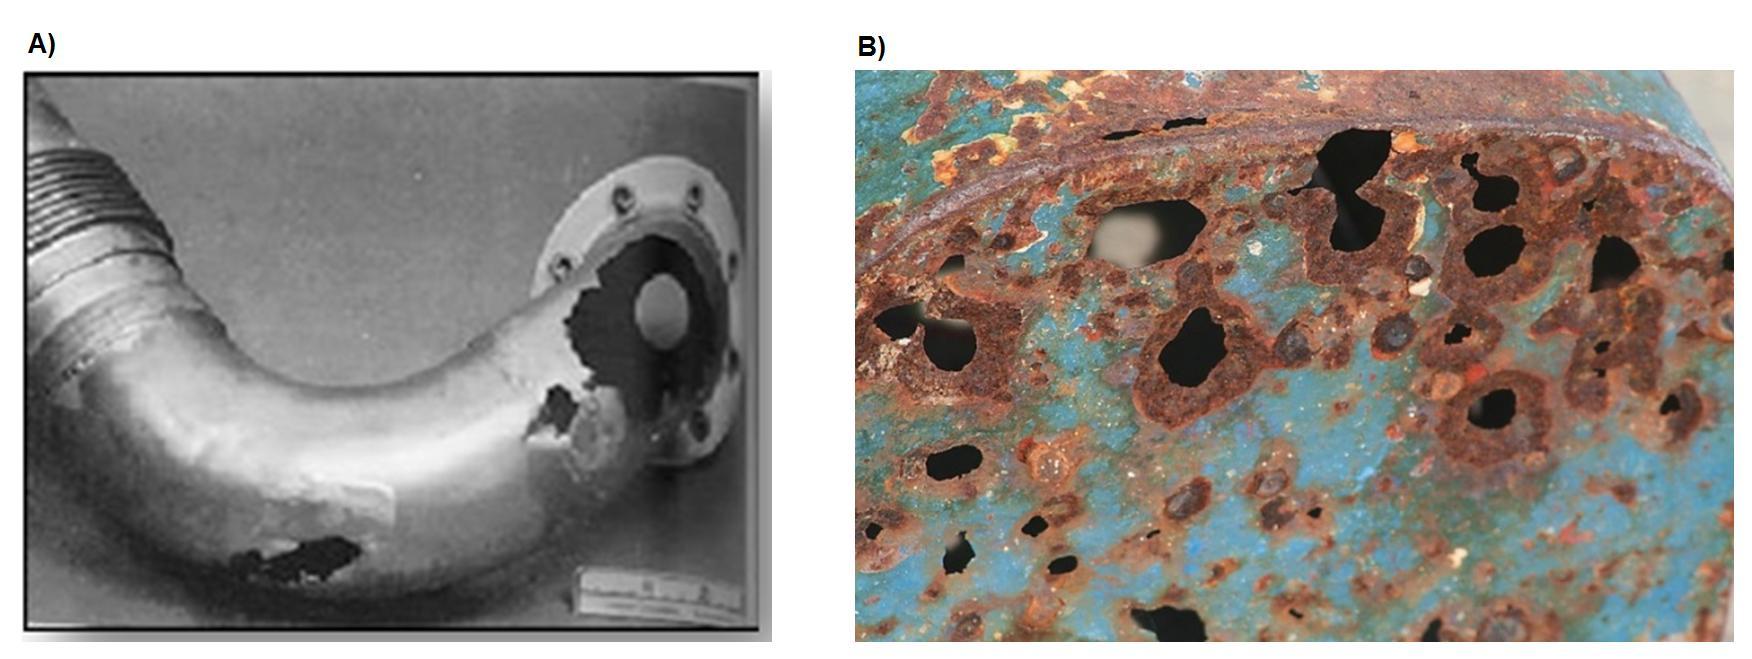 A) Ejemplo de erosión por partículas en codo de tubería | B) Ejemplo de equipo industrial con efectos de la corrosión